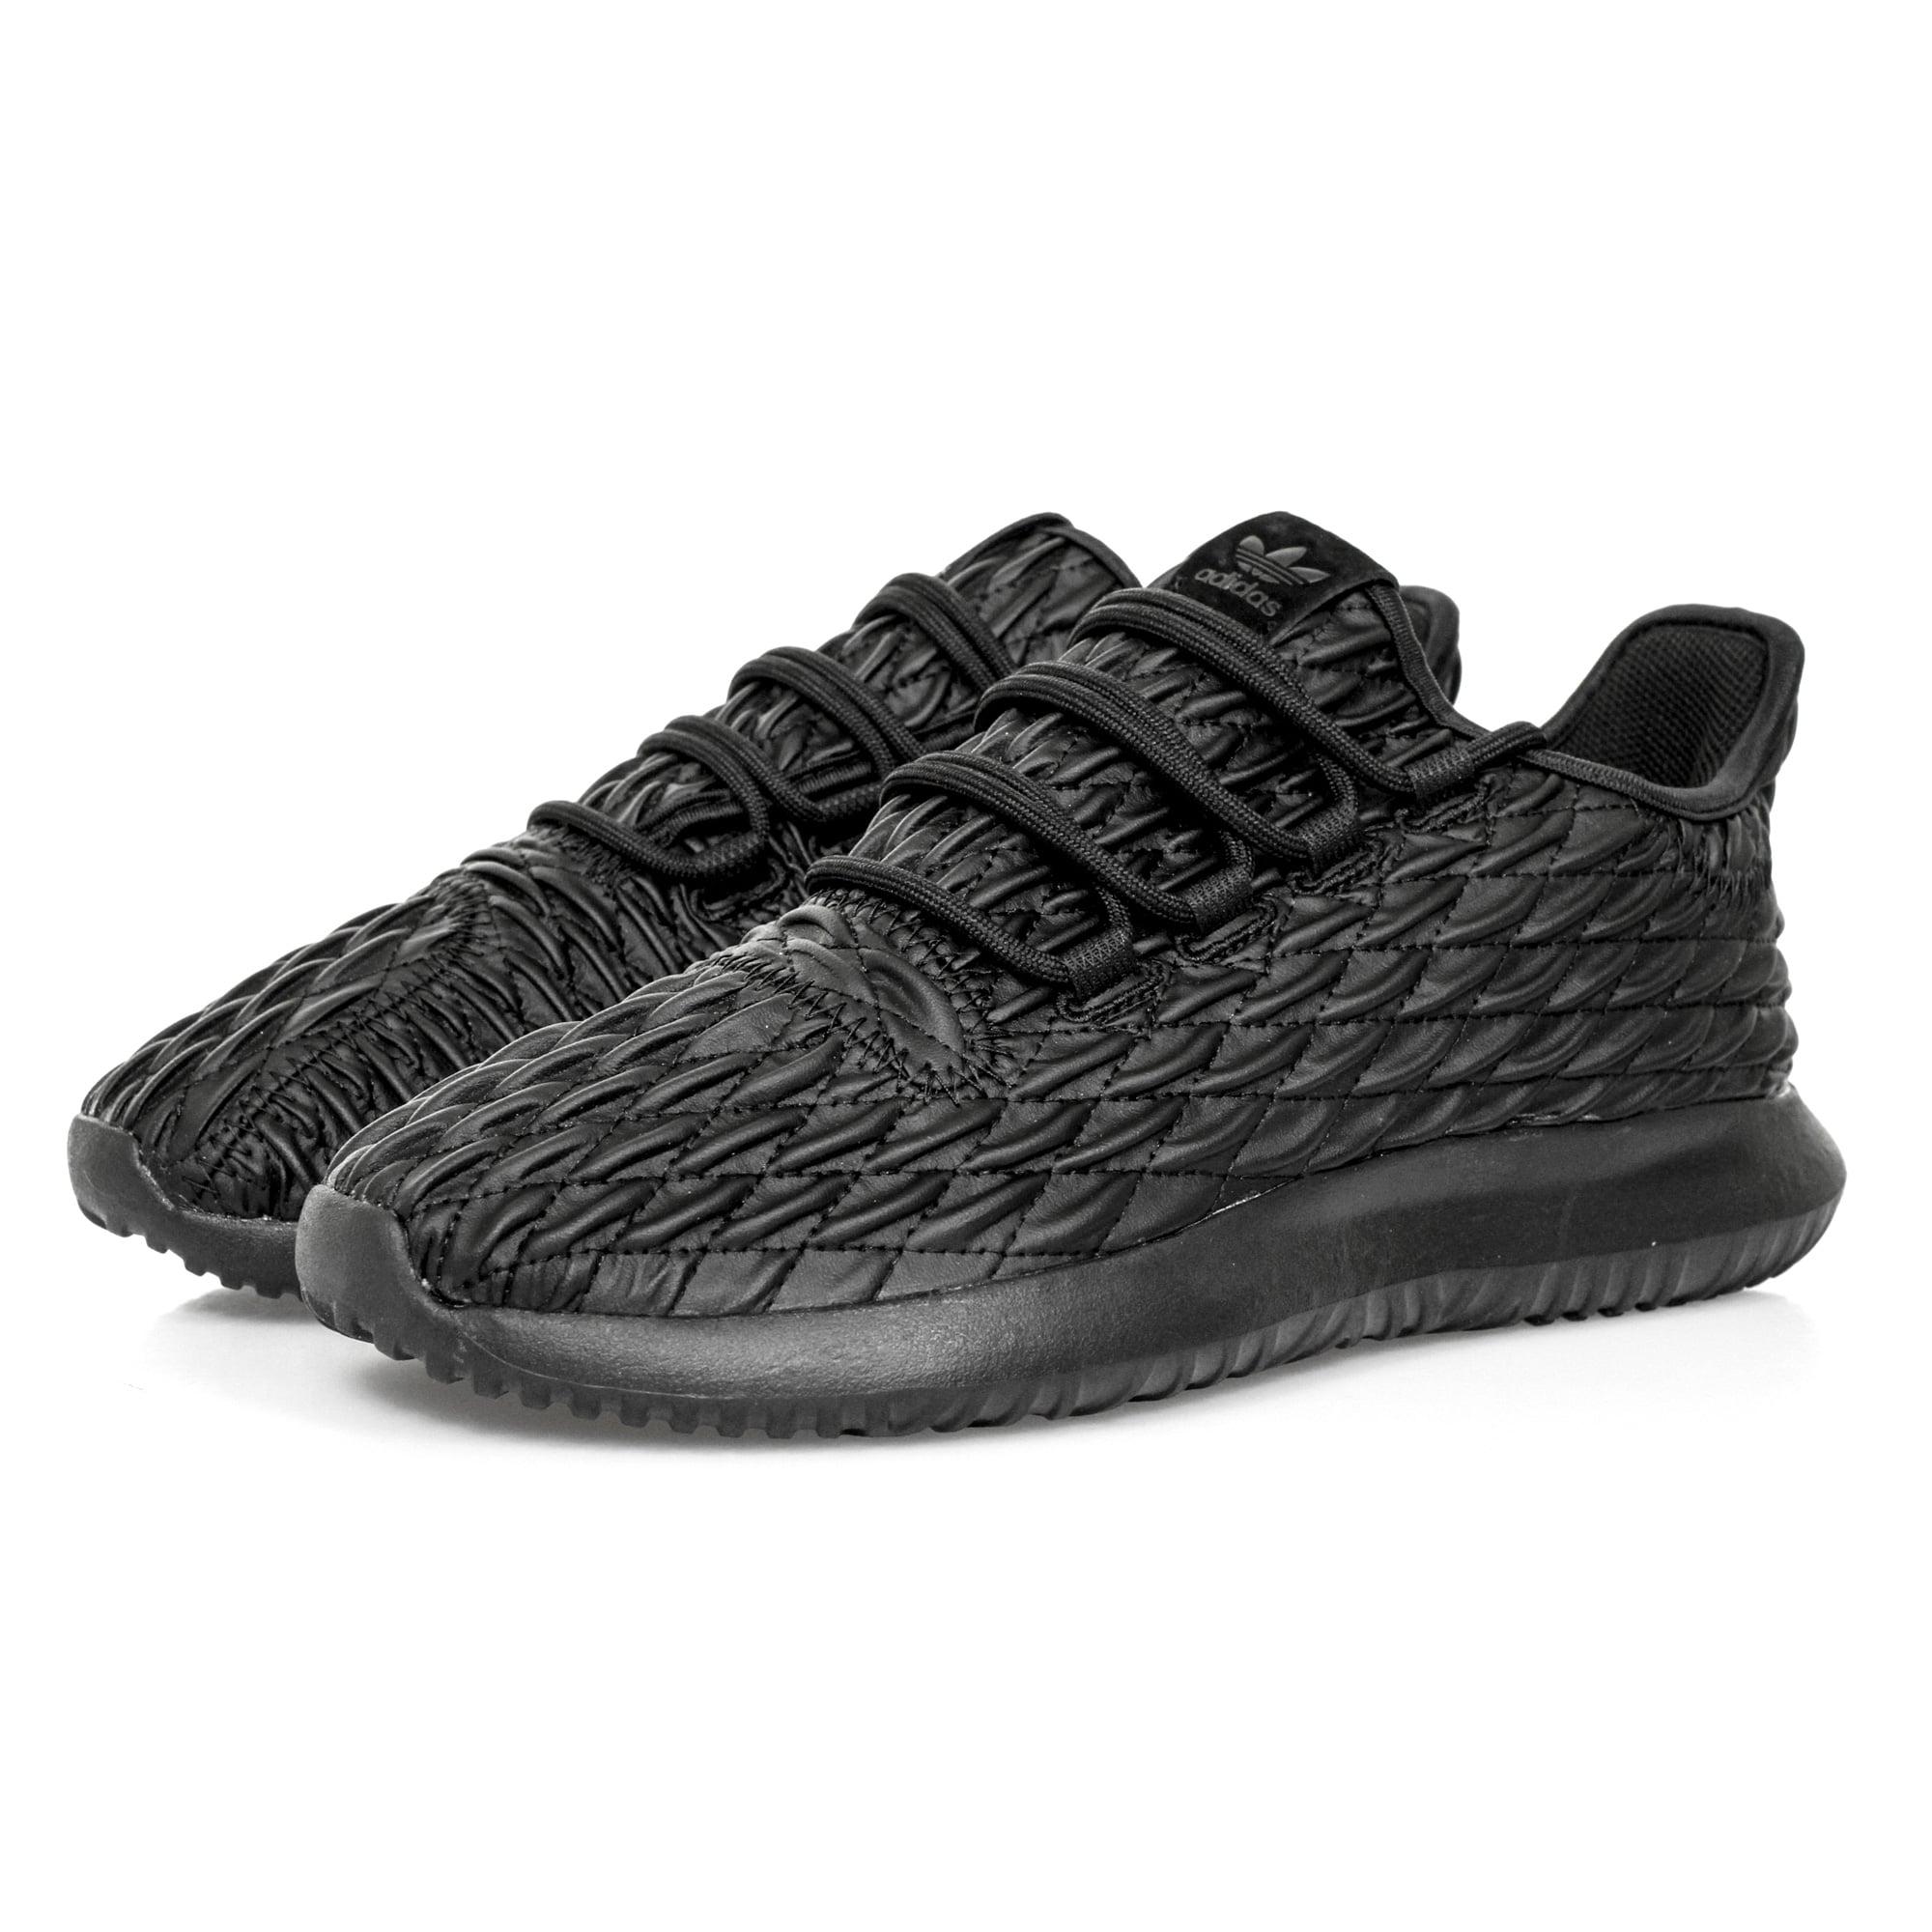 Adidas Ombre Tubulaire Chaussures Noires Xga5FC2